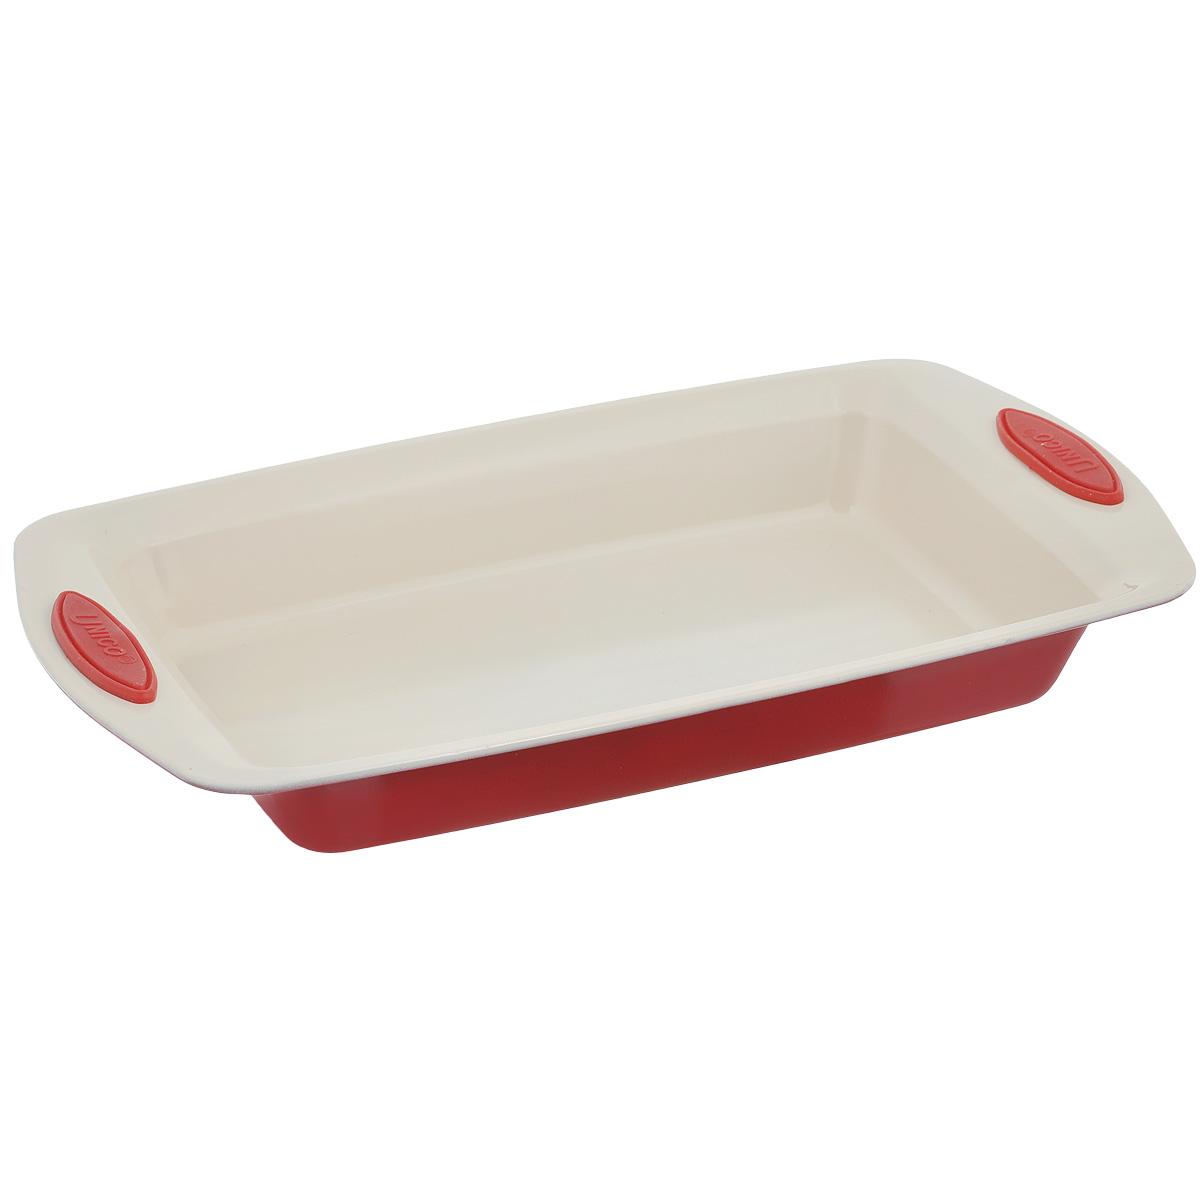 Форма для запекания Mayer & Boch Unico, прямоугольная, с керамическим покрытием, цвет: красный, 38 х 22 х 5 см21995Прямоугольная форма для запекания Mayer & Boch Unico изготовлена из высококачественной углеродистой стали с керамическим покрытием, которое отличается экологичностью и безопасно для здоровья человека. Оно не содержит вредных примесей PFOA и PTFE. Удобные ручки оснащены силиконовыми вставками, что позволит не использовать прихватки. Простая в уходе и долговечная в использовании форма станет верным помощником в создании ваших кулинарных шедевров. Подходит для использования в духовом шкафу. Не подходит для СВЧ-печей. Не рекомендуется мыть в посудомоечной машине. Используйте только деревянные и пластиковые лопатки.Размер (с учетом ручек): 38 см х 22 см. Размер (без учета ручек): 30 см х 18 см.Высота стенок: 5 см.